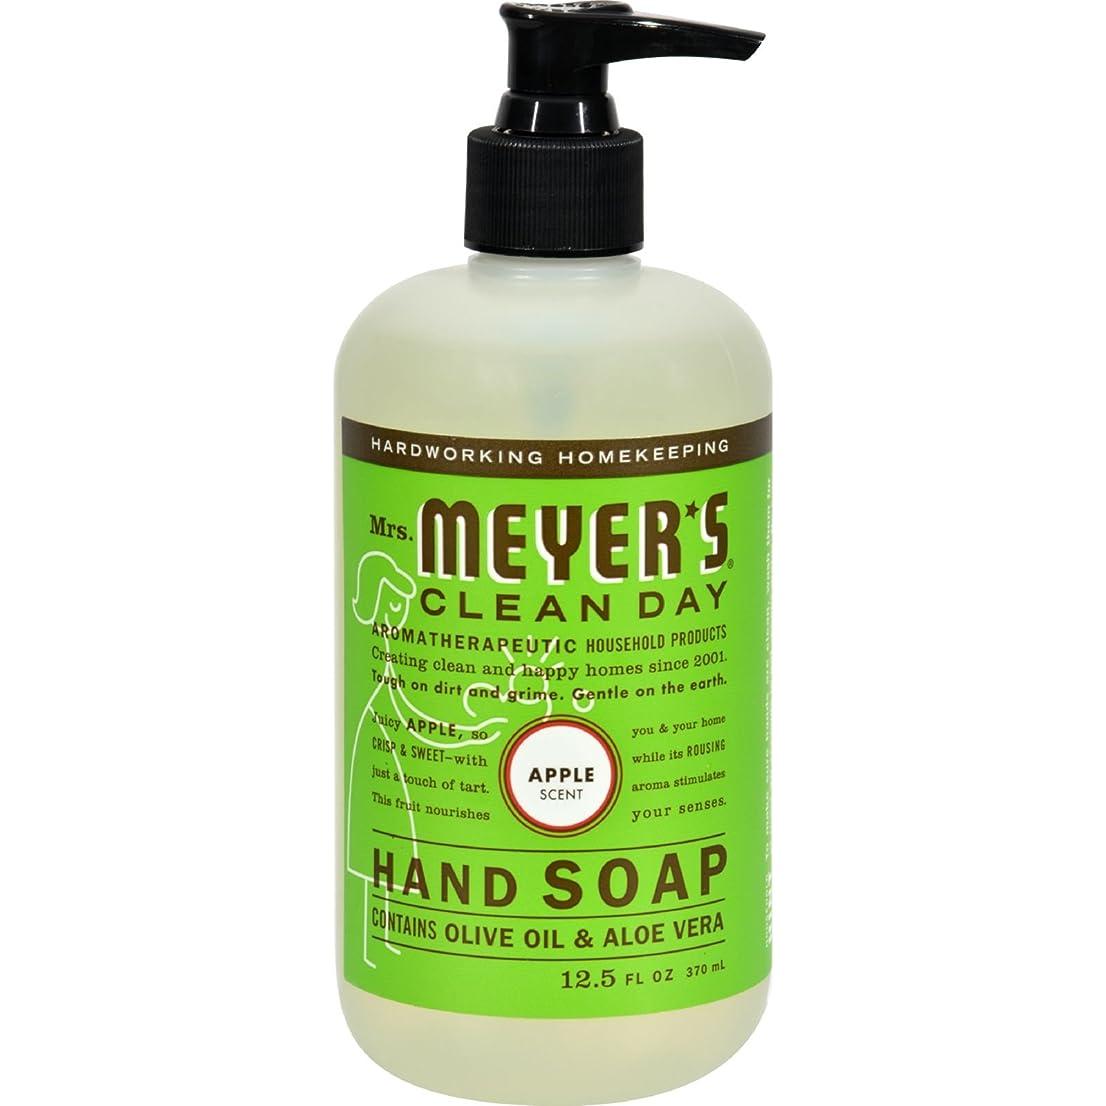 マイコン通常僕のLiquid Hand Soap - Apple - Case of 6 - 12.5 oz by Mrs. Meyer's